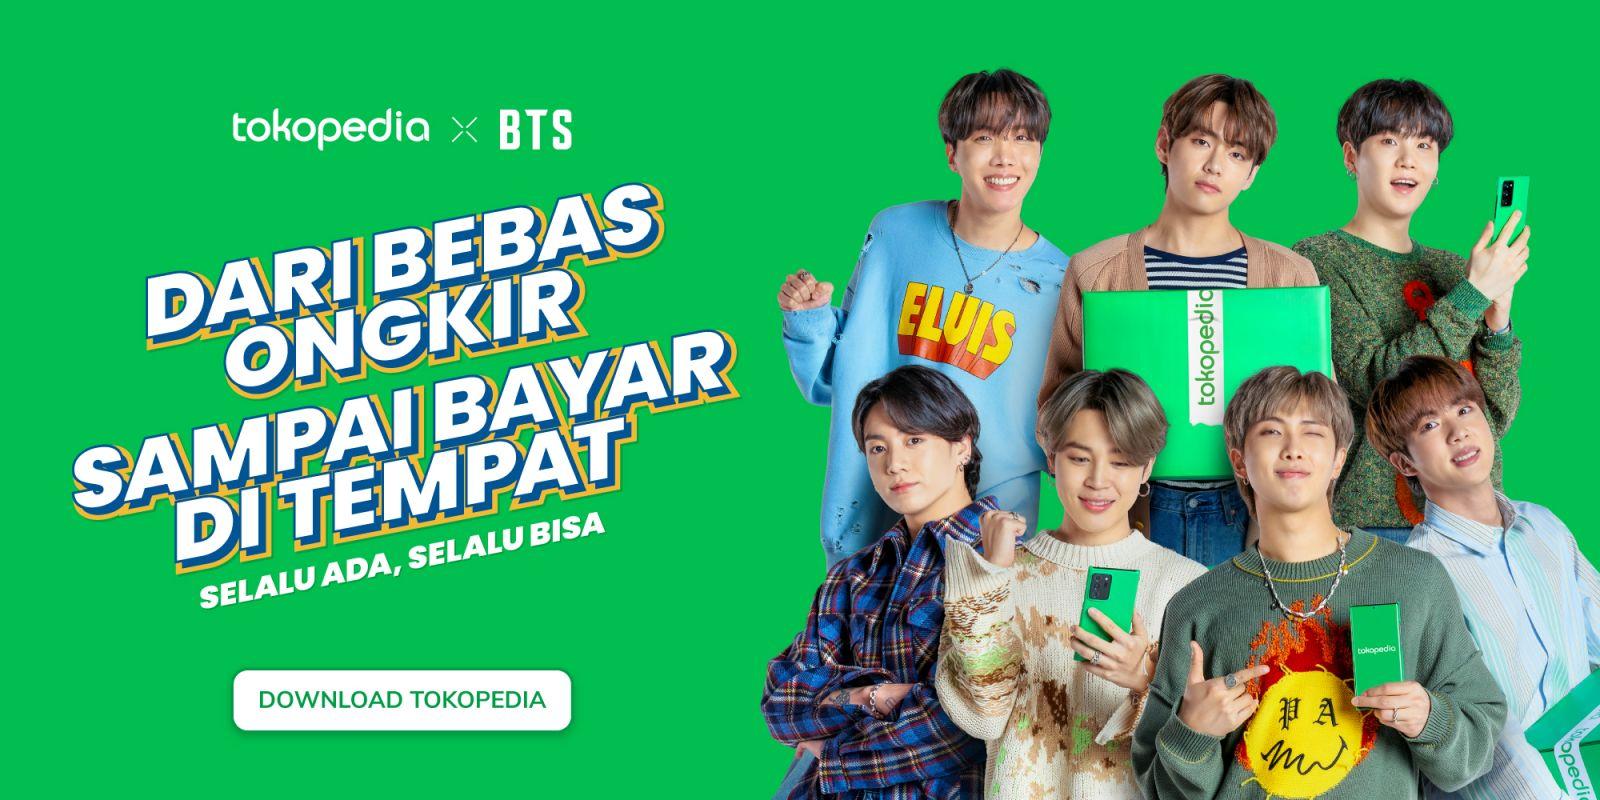 Duar! Tokopedia Gaet BTS dan Blackpink menjadi Brand Ambassador